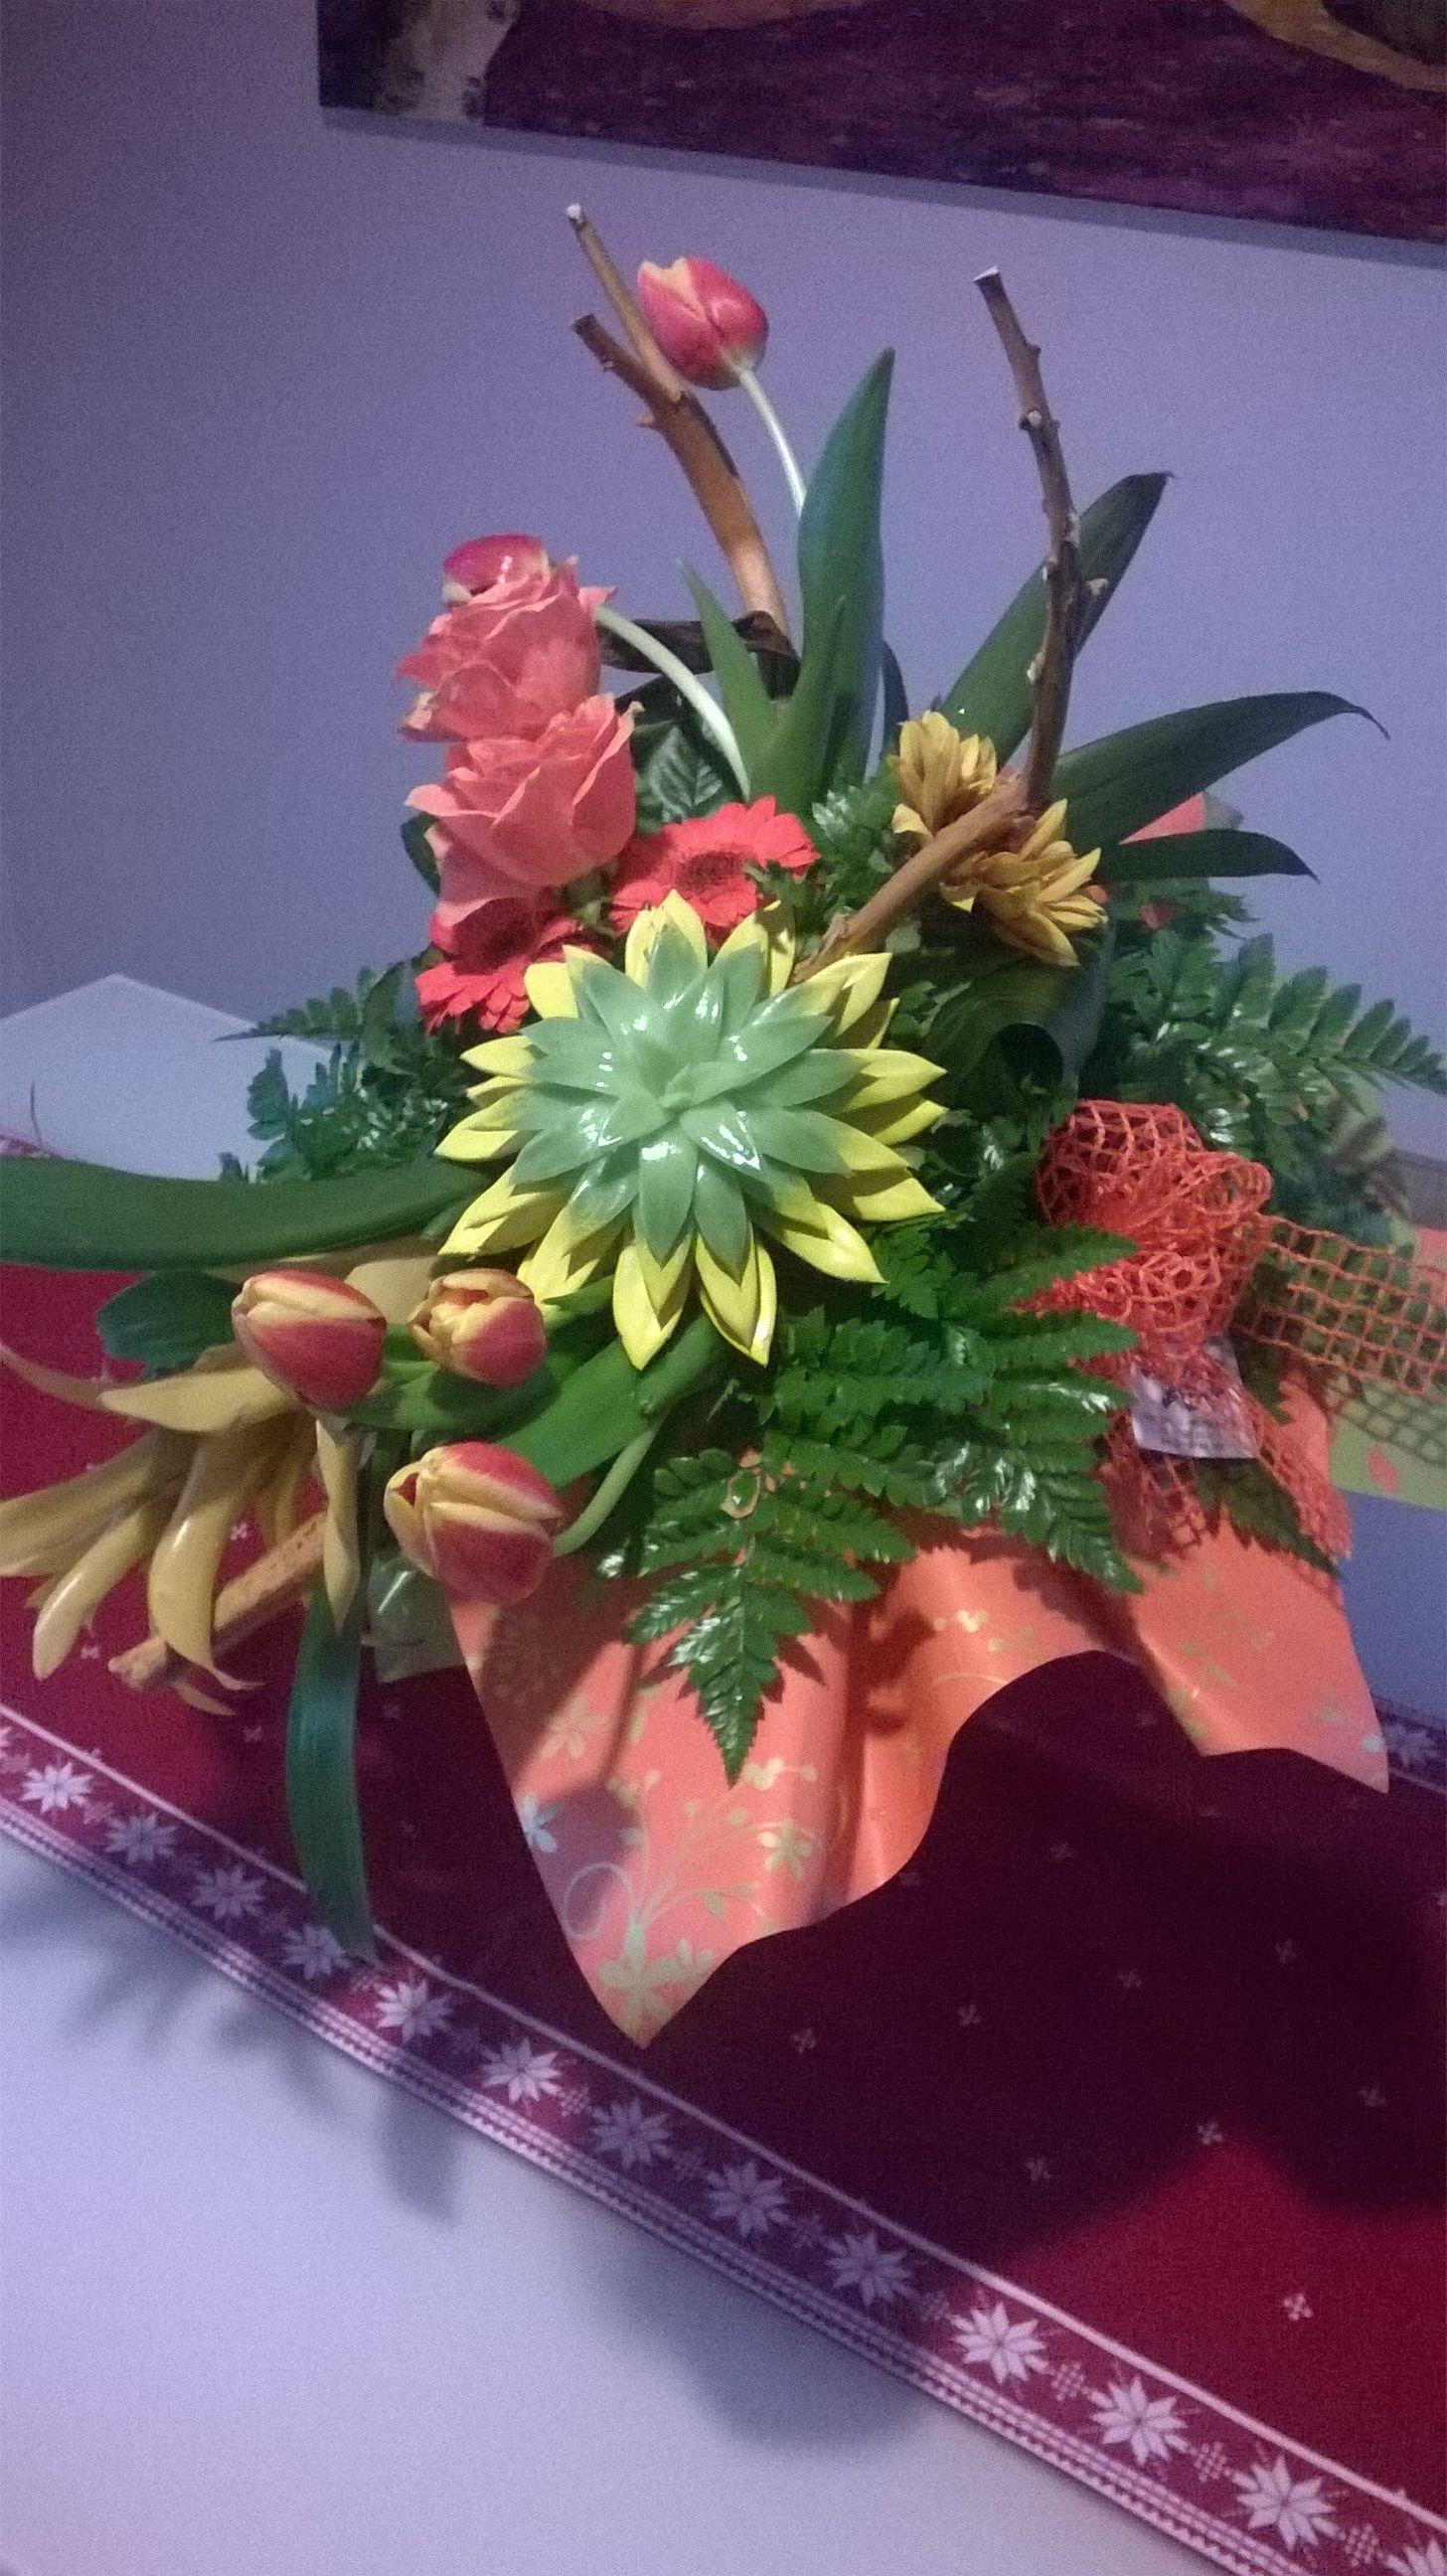 Mazzo Di Fiori Regalatomi Per Mio Compleanno Realizzato Da Il Carro Fiorito Di Rivoli Rose Tulipani Girasoli Piante G Mazzo Di Fiori Fiori Arte Floreale